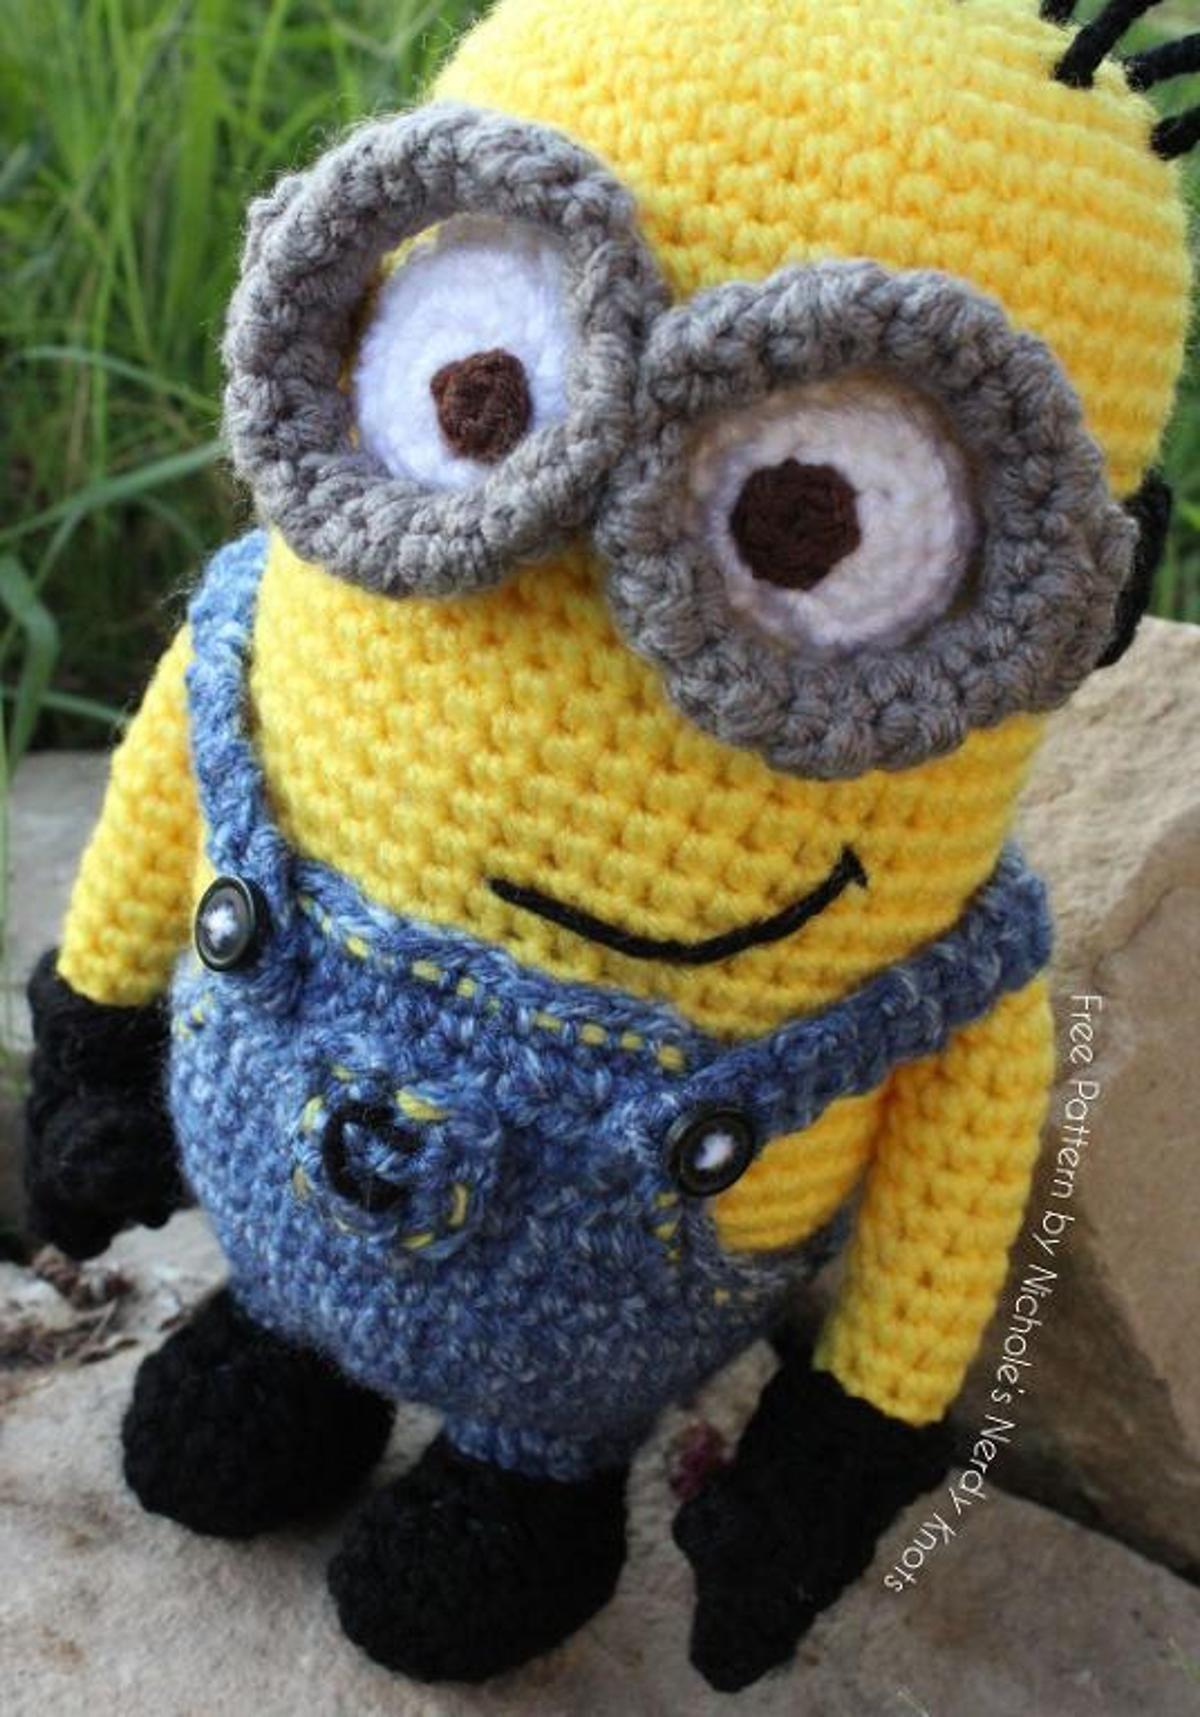 Despicable Me Minion Craftsy Minion Pinterest Crocheting